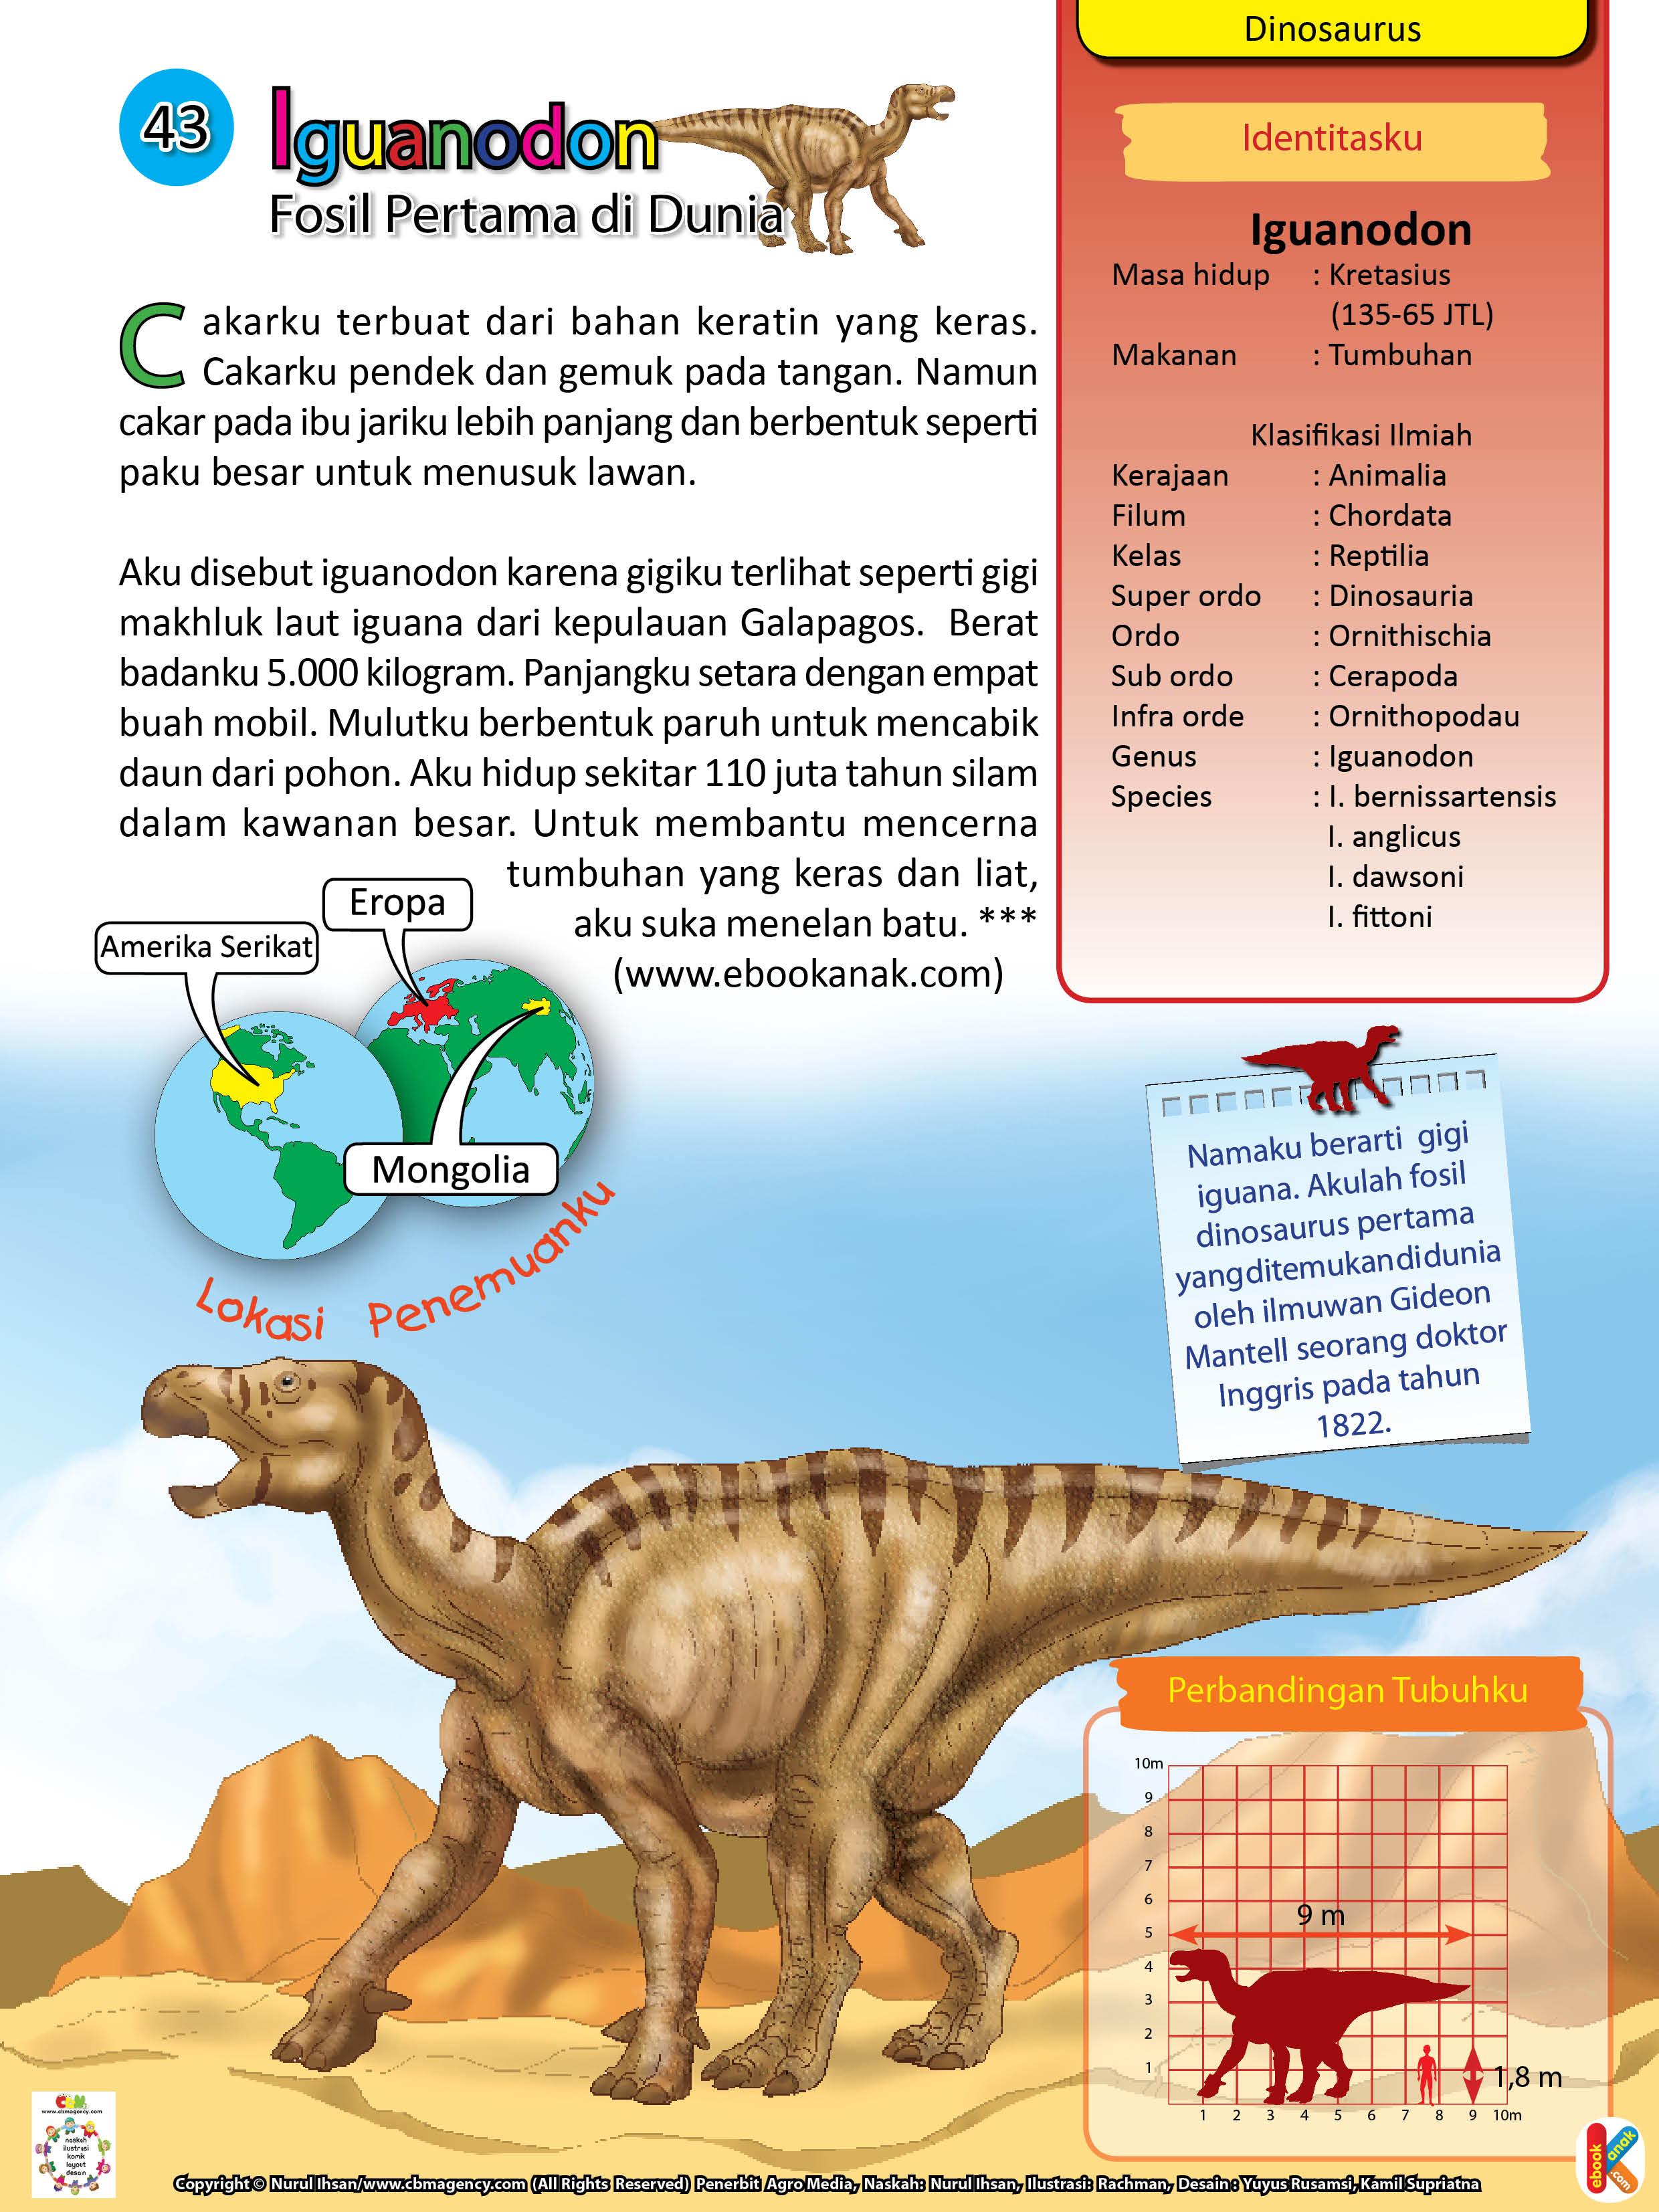 Cakar Iguanodon pendek dan gemuk pada tangan.